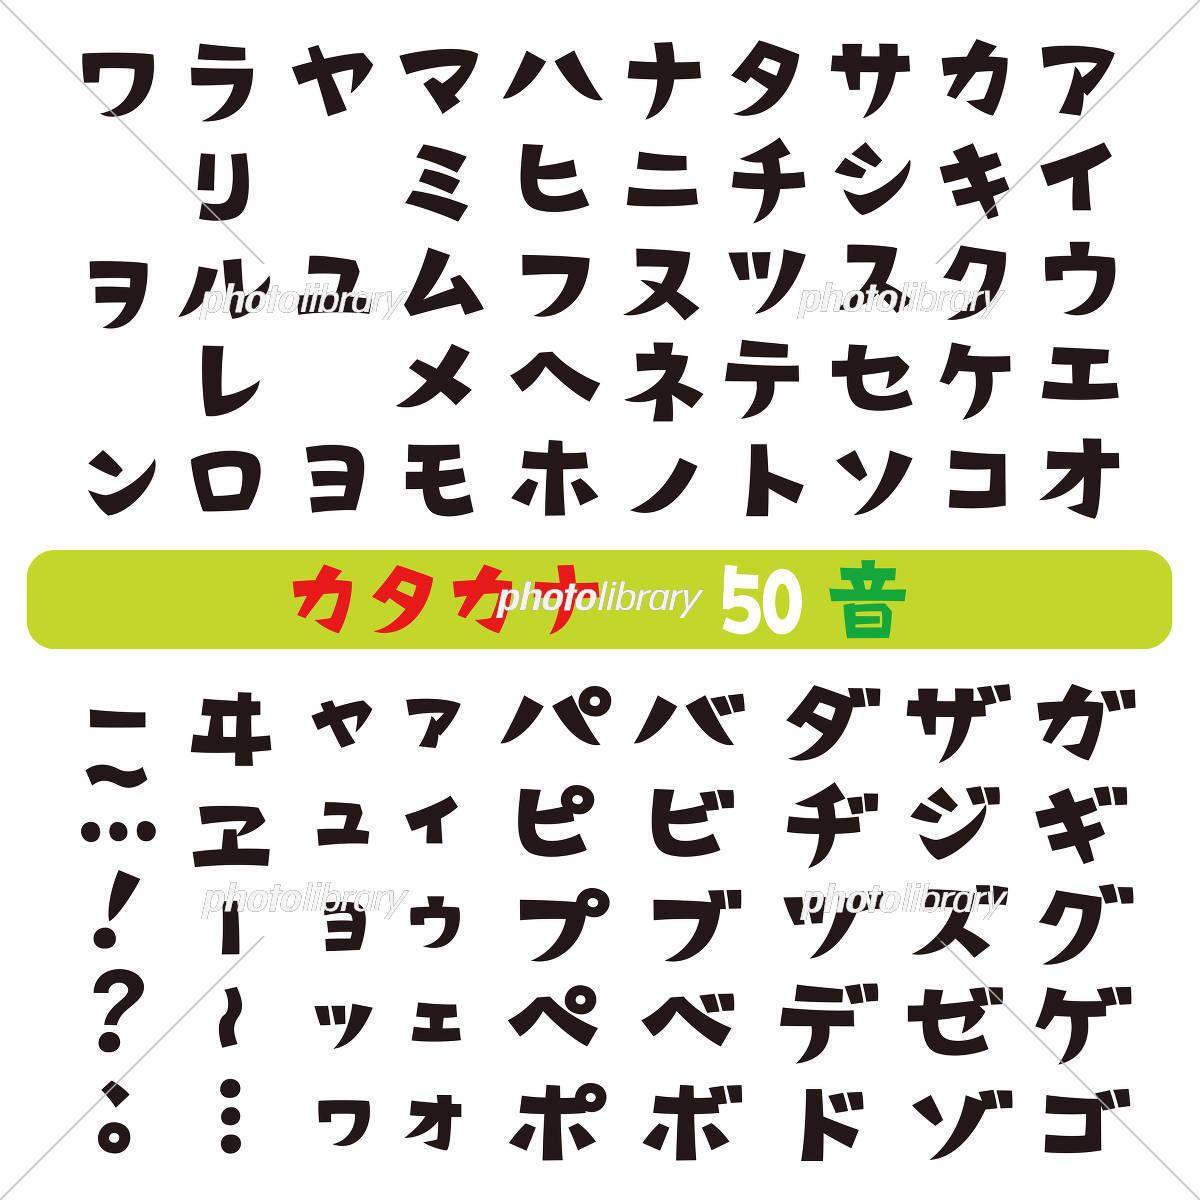 カタカナ フォント 50音表 イラスト素材 [ 5680985 ] - フォトライブ